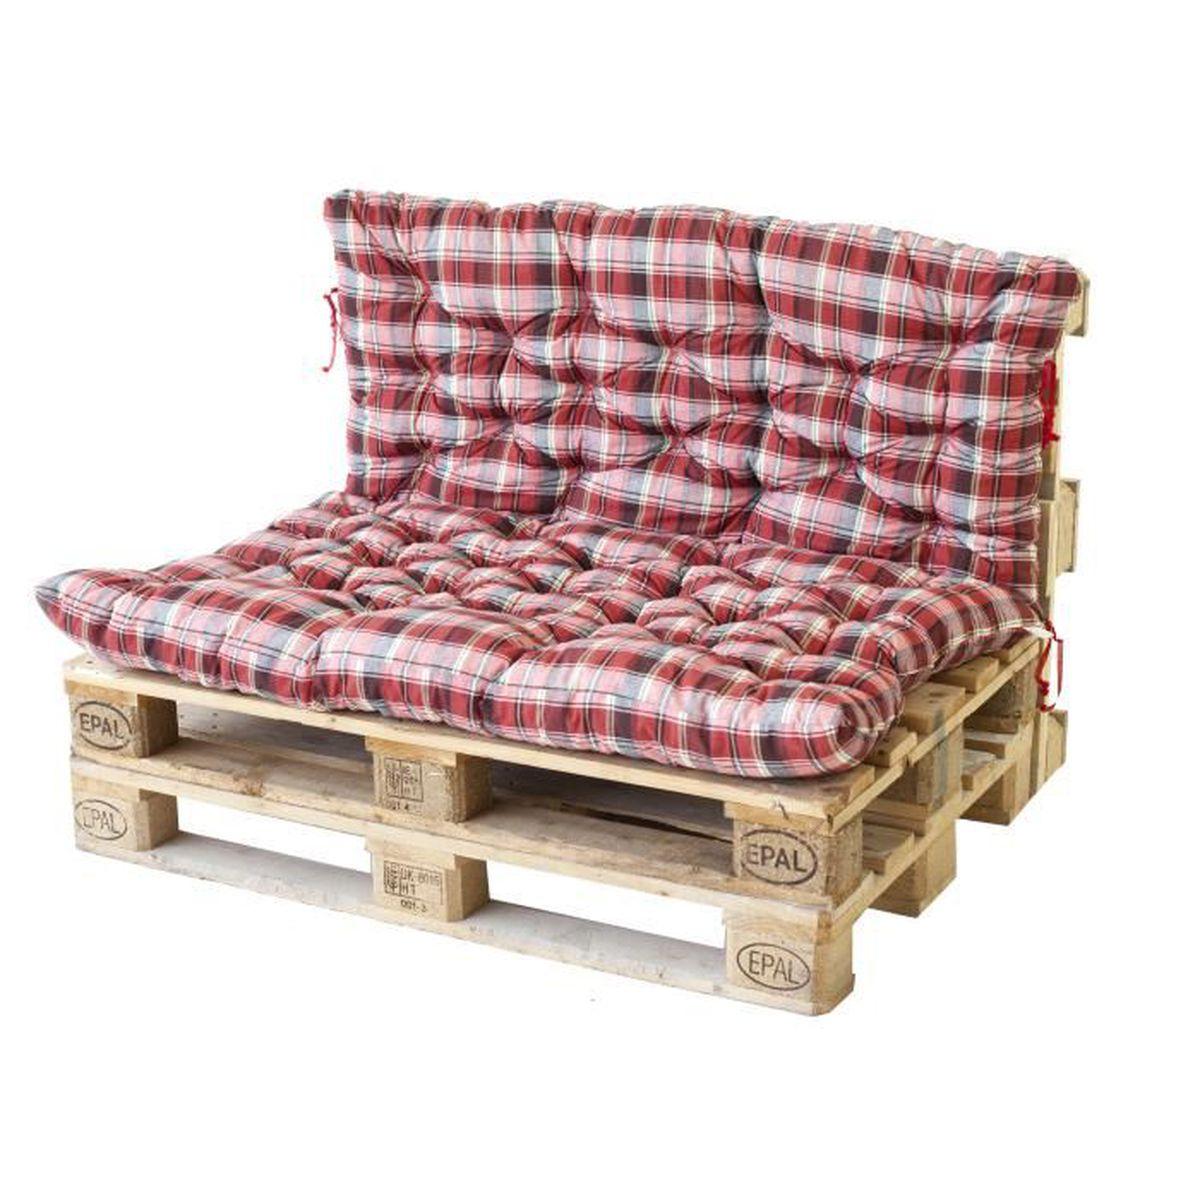 coussin de palette achat vente coussin de palette pas. Black Bedroom Furniture Sets. Home Design Ideas